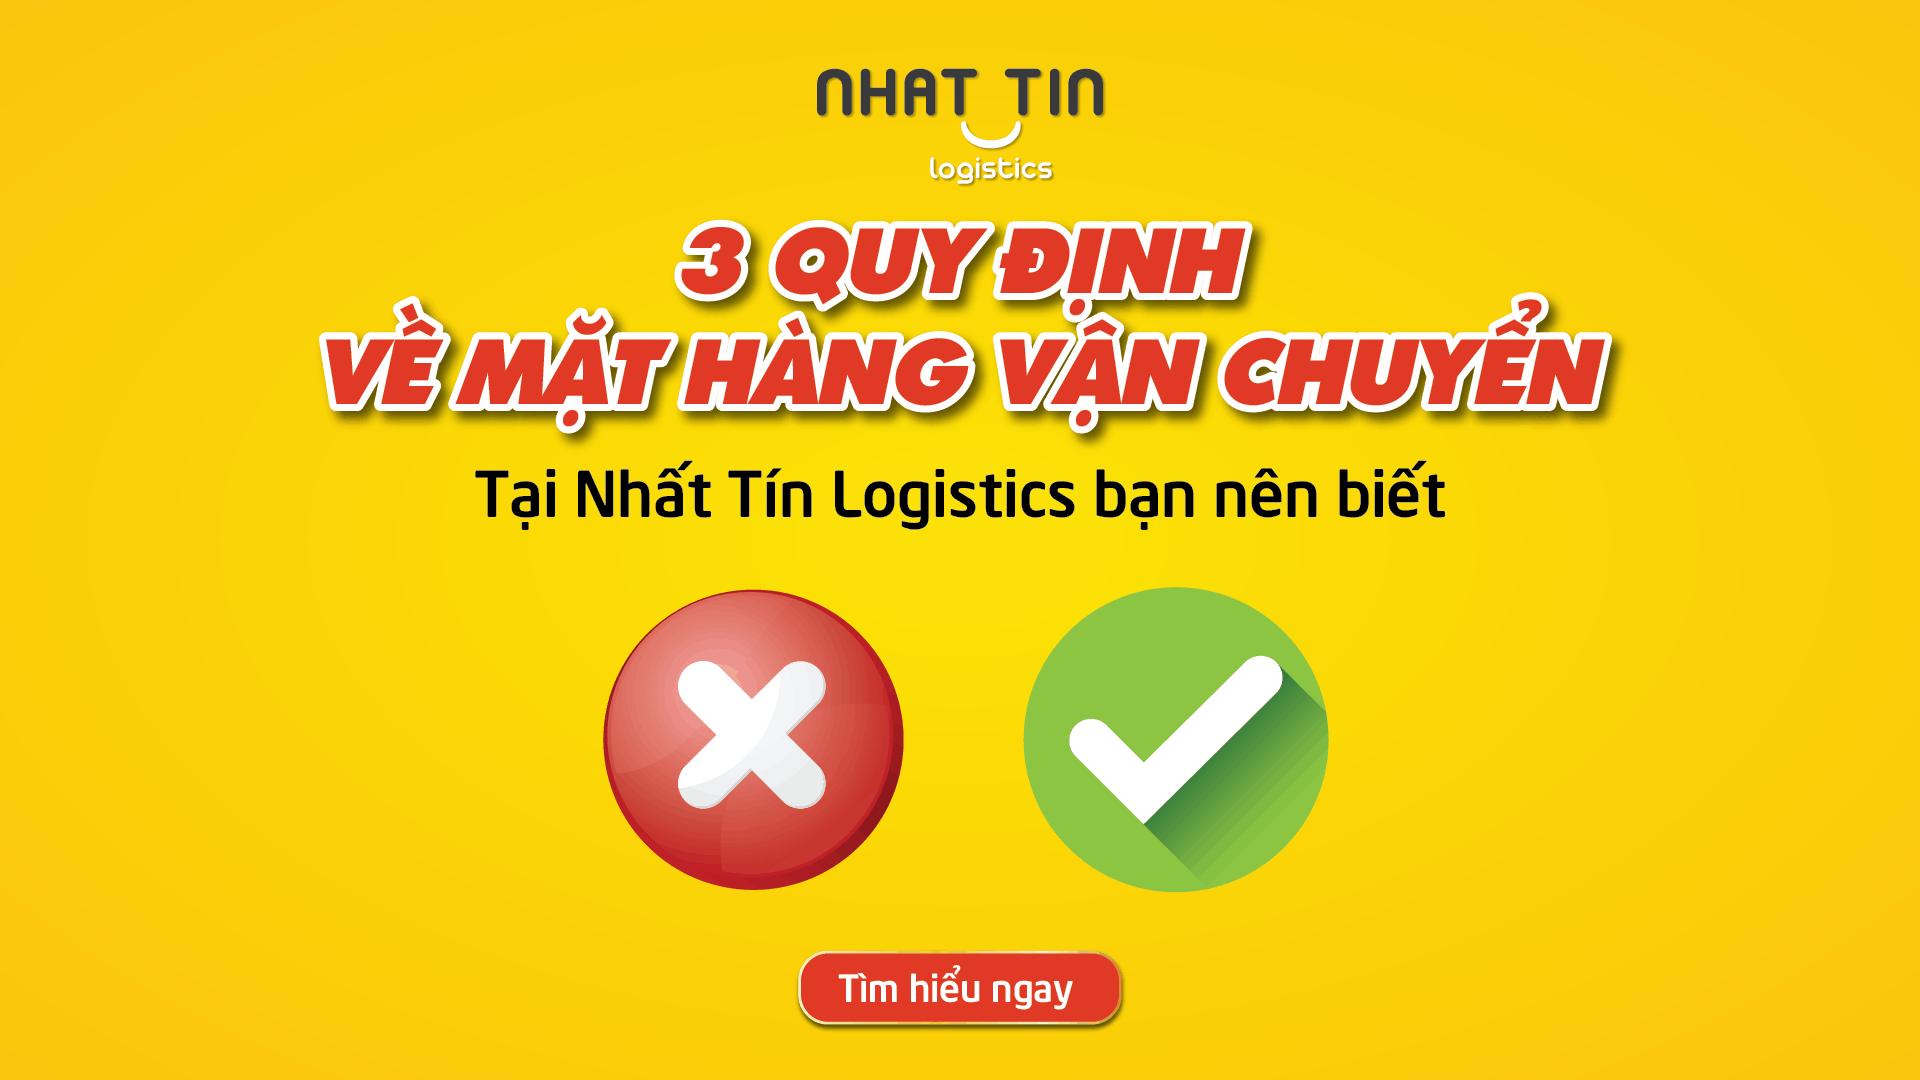 3 Quy định về mặt hàng vận chuyển của Nhất Tín Logistics bạn nên biết